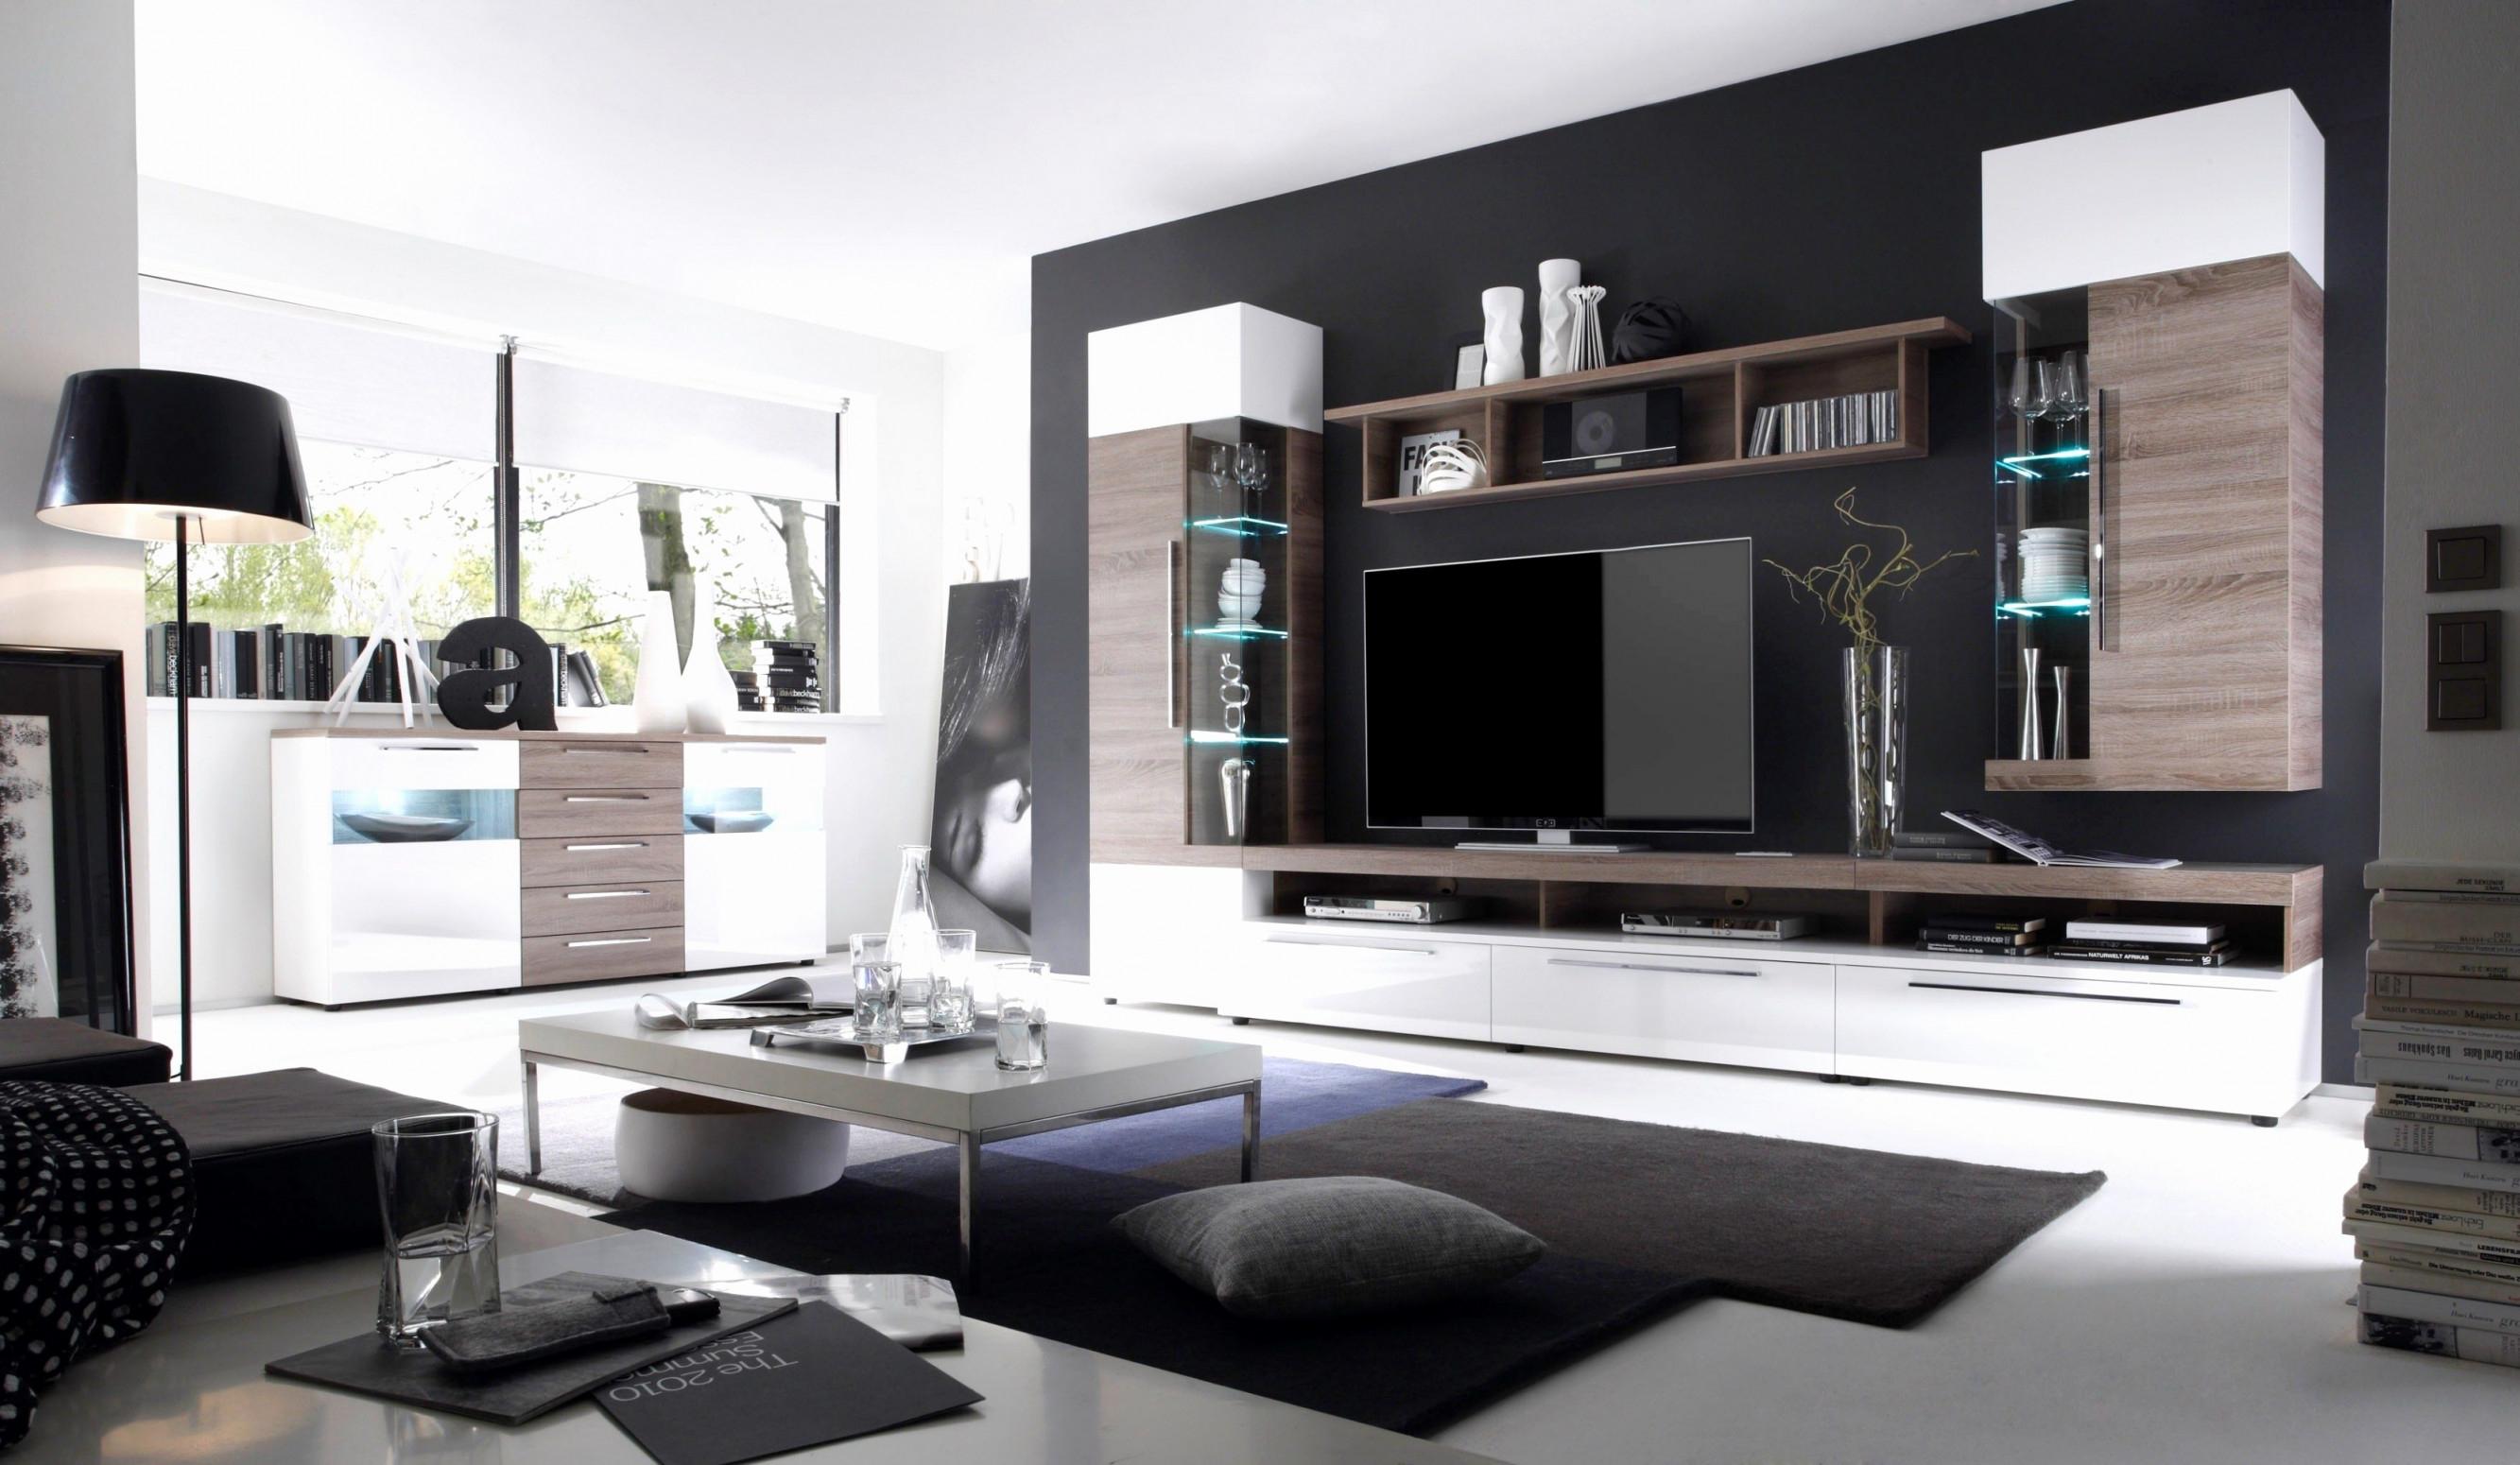 Wandfarben Wohnzimmer Modern Planen von Moderne Wohnideen Wohnzimmer Photo